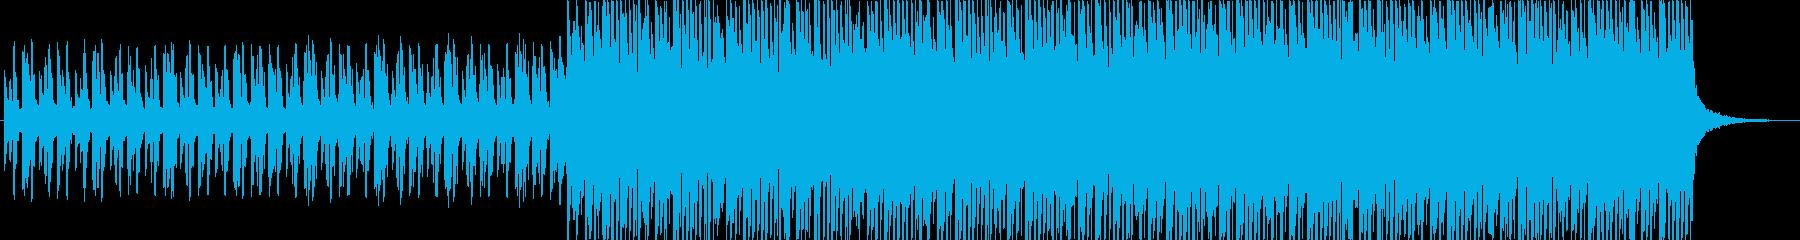 浮遊感と遊ぶ / エレクトロニカの再生済みの波形